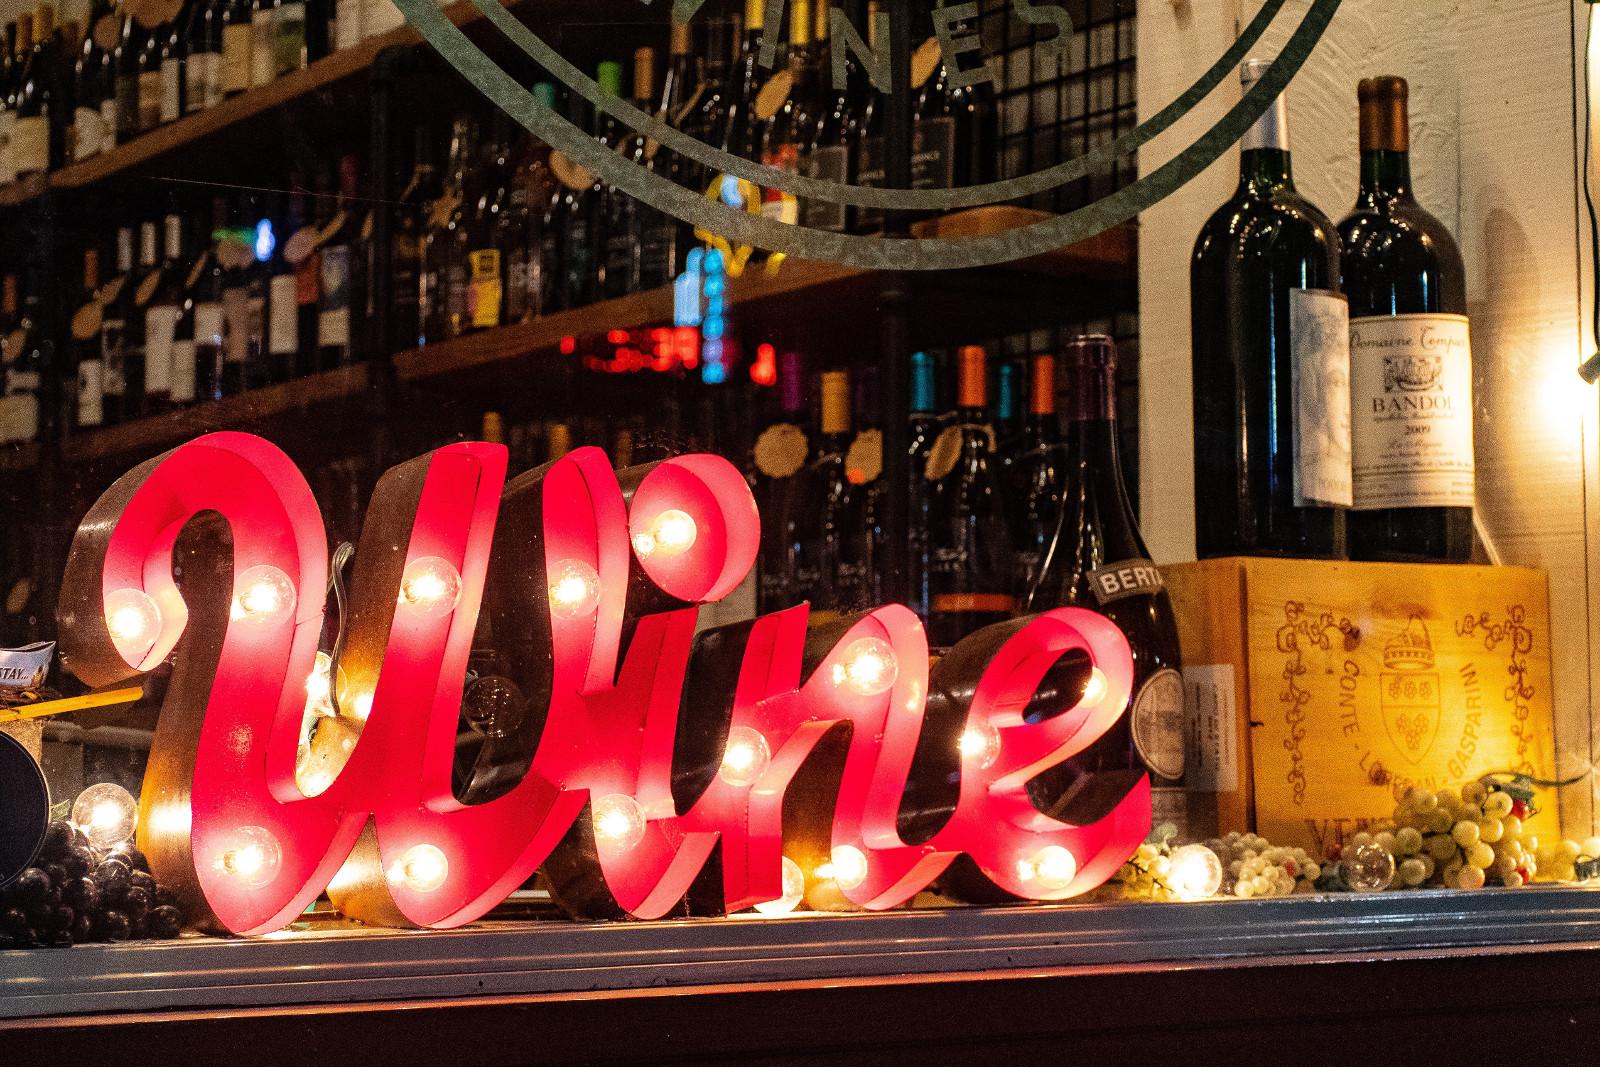 Il buon vino non ha bisogno di frasca